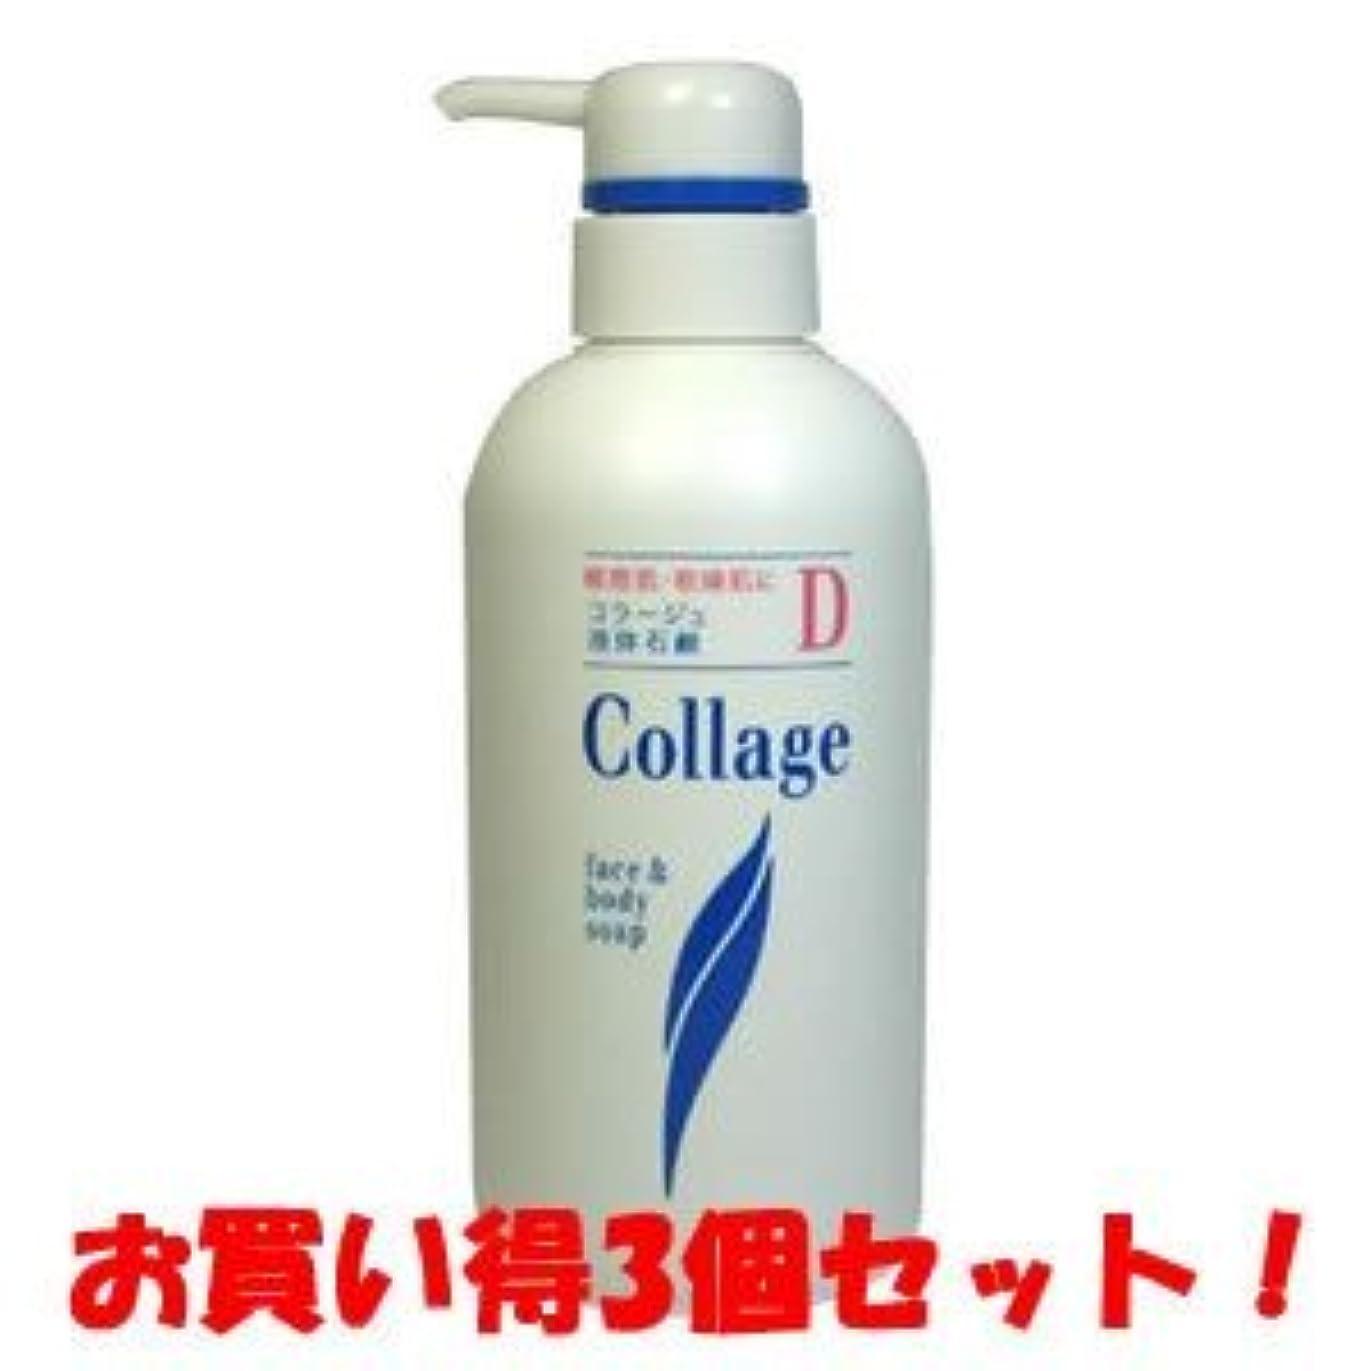 スリム混乱させる資本(持田ヘルスケア)コラージュD 液体石鹸 敏感肌?乾燥肌 400ml(お買い得3個セット)